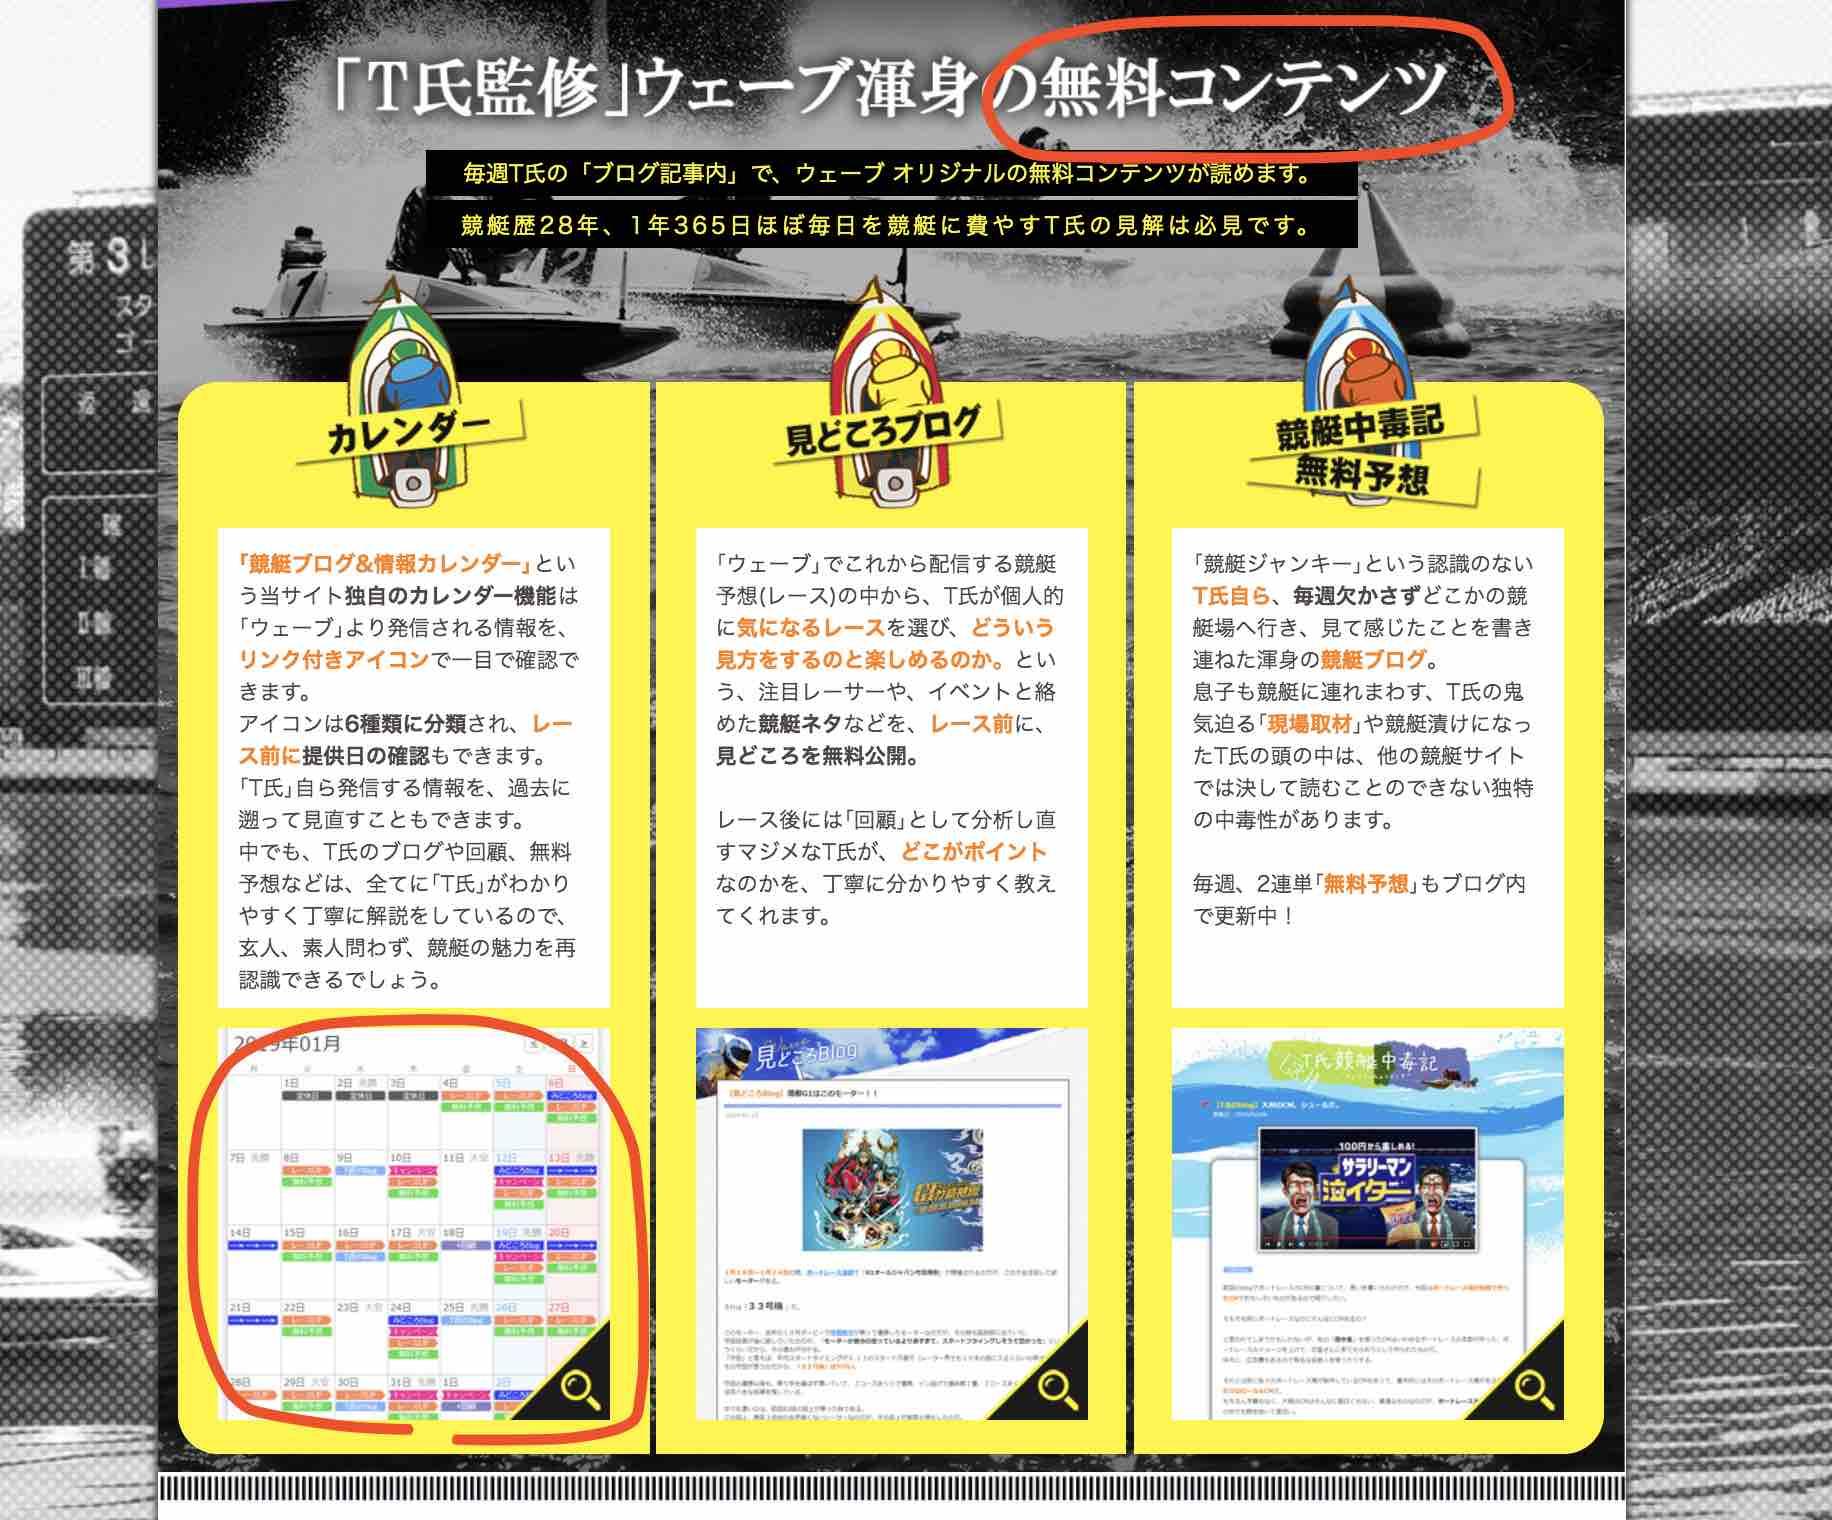 競艇ウェーブという競艇予想サイトの無料コンテンツ